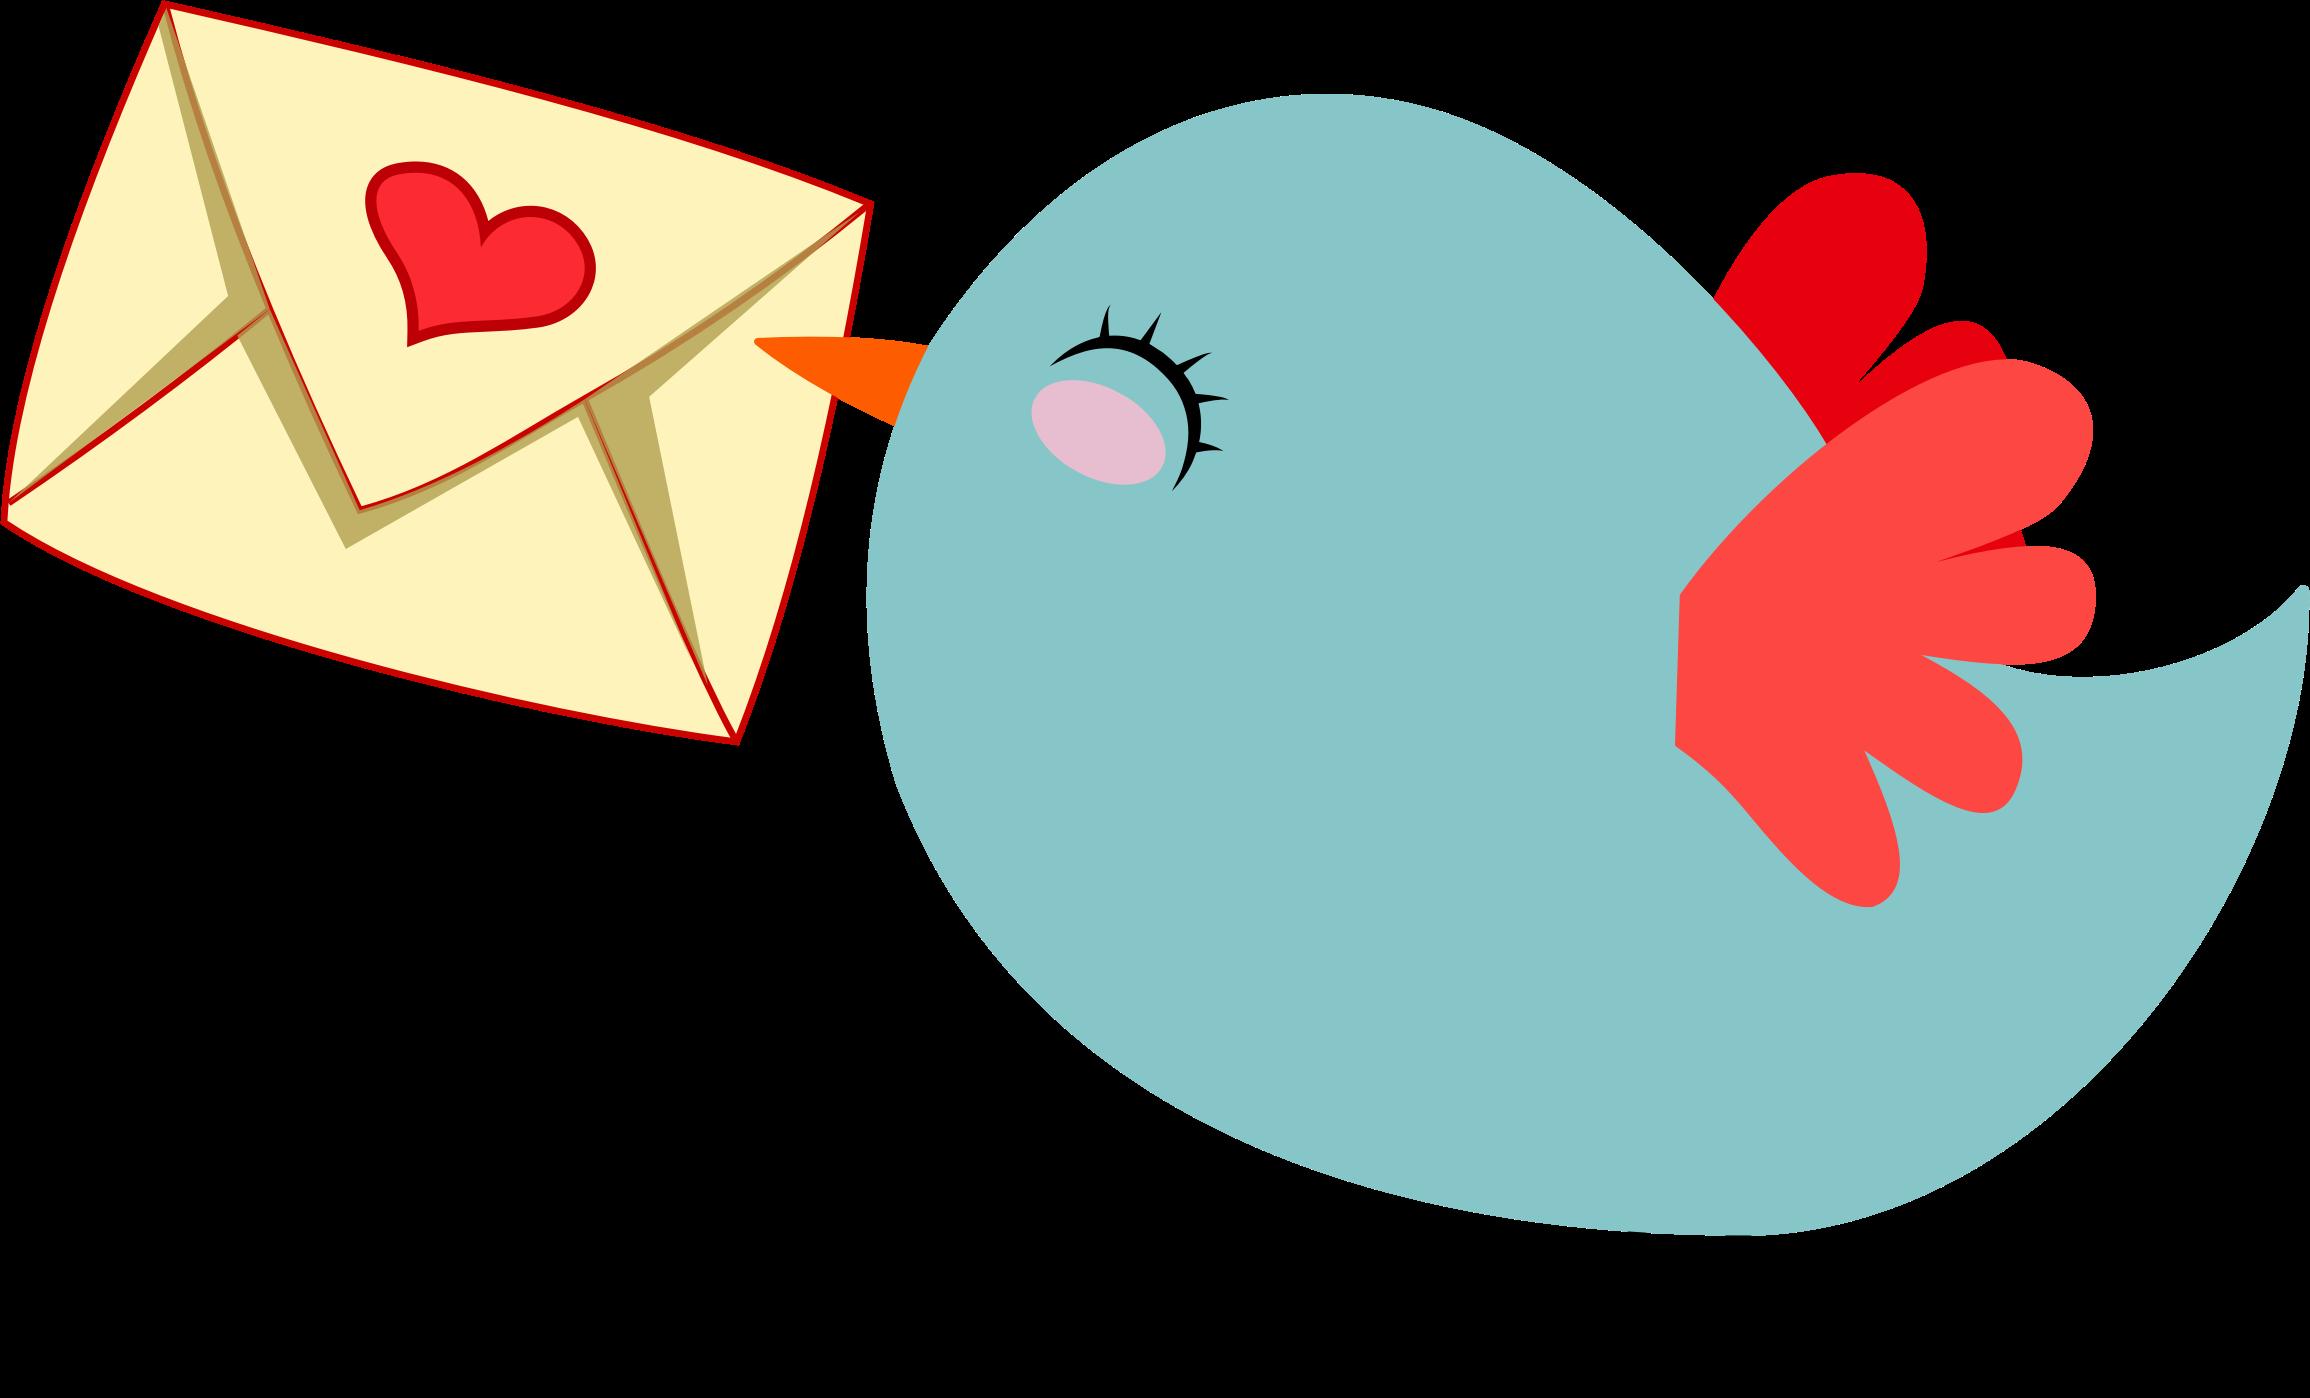 E clipart cute. Mail carrier bird big